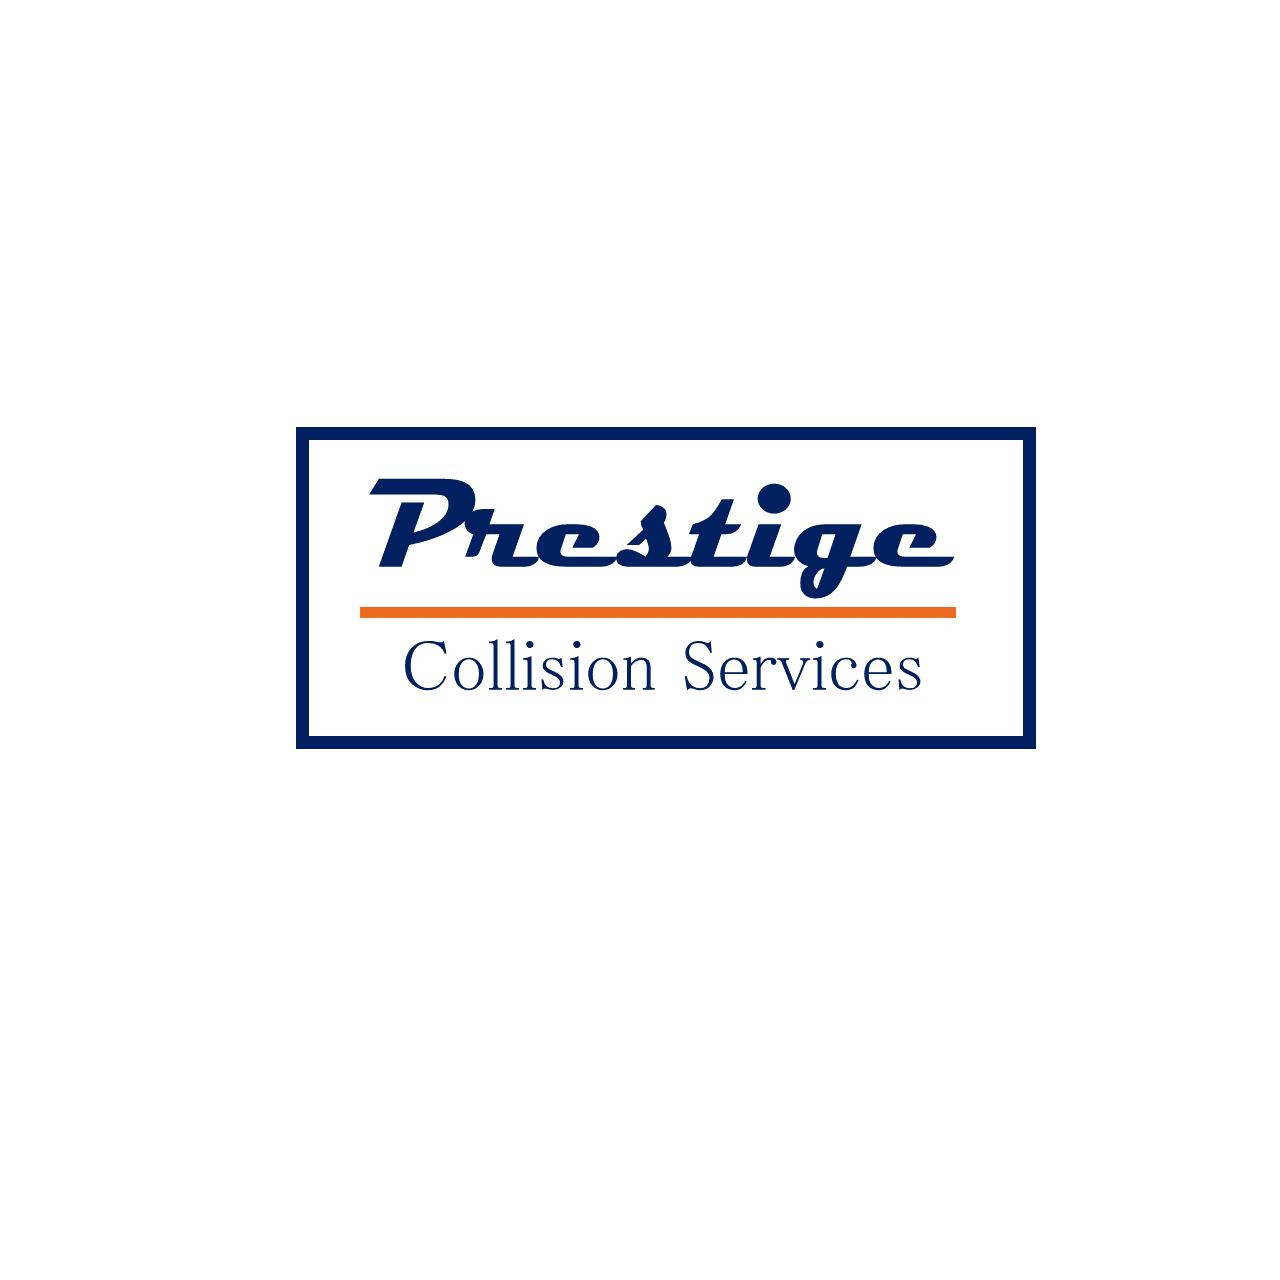 Prestige Collision Services